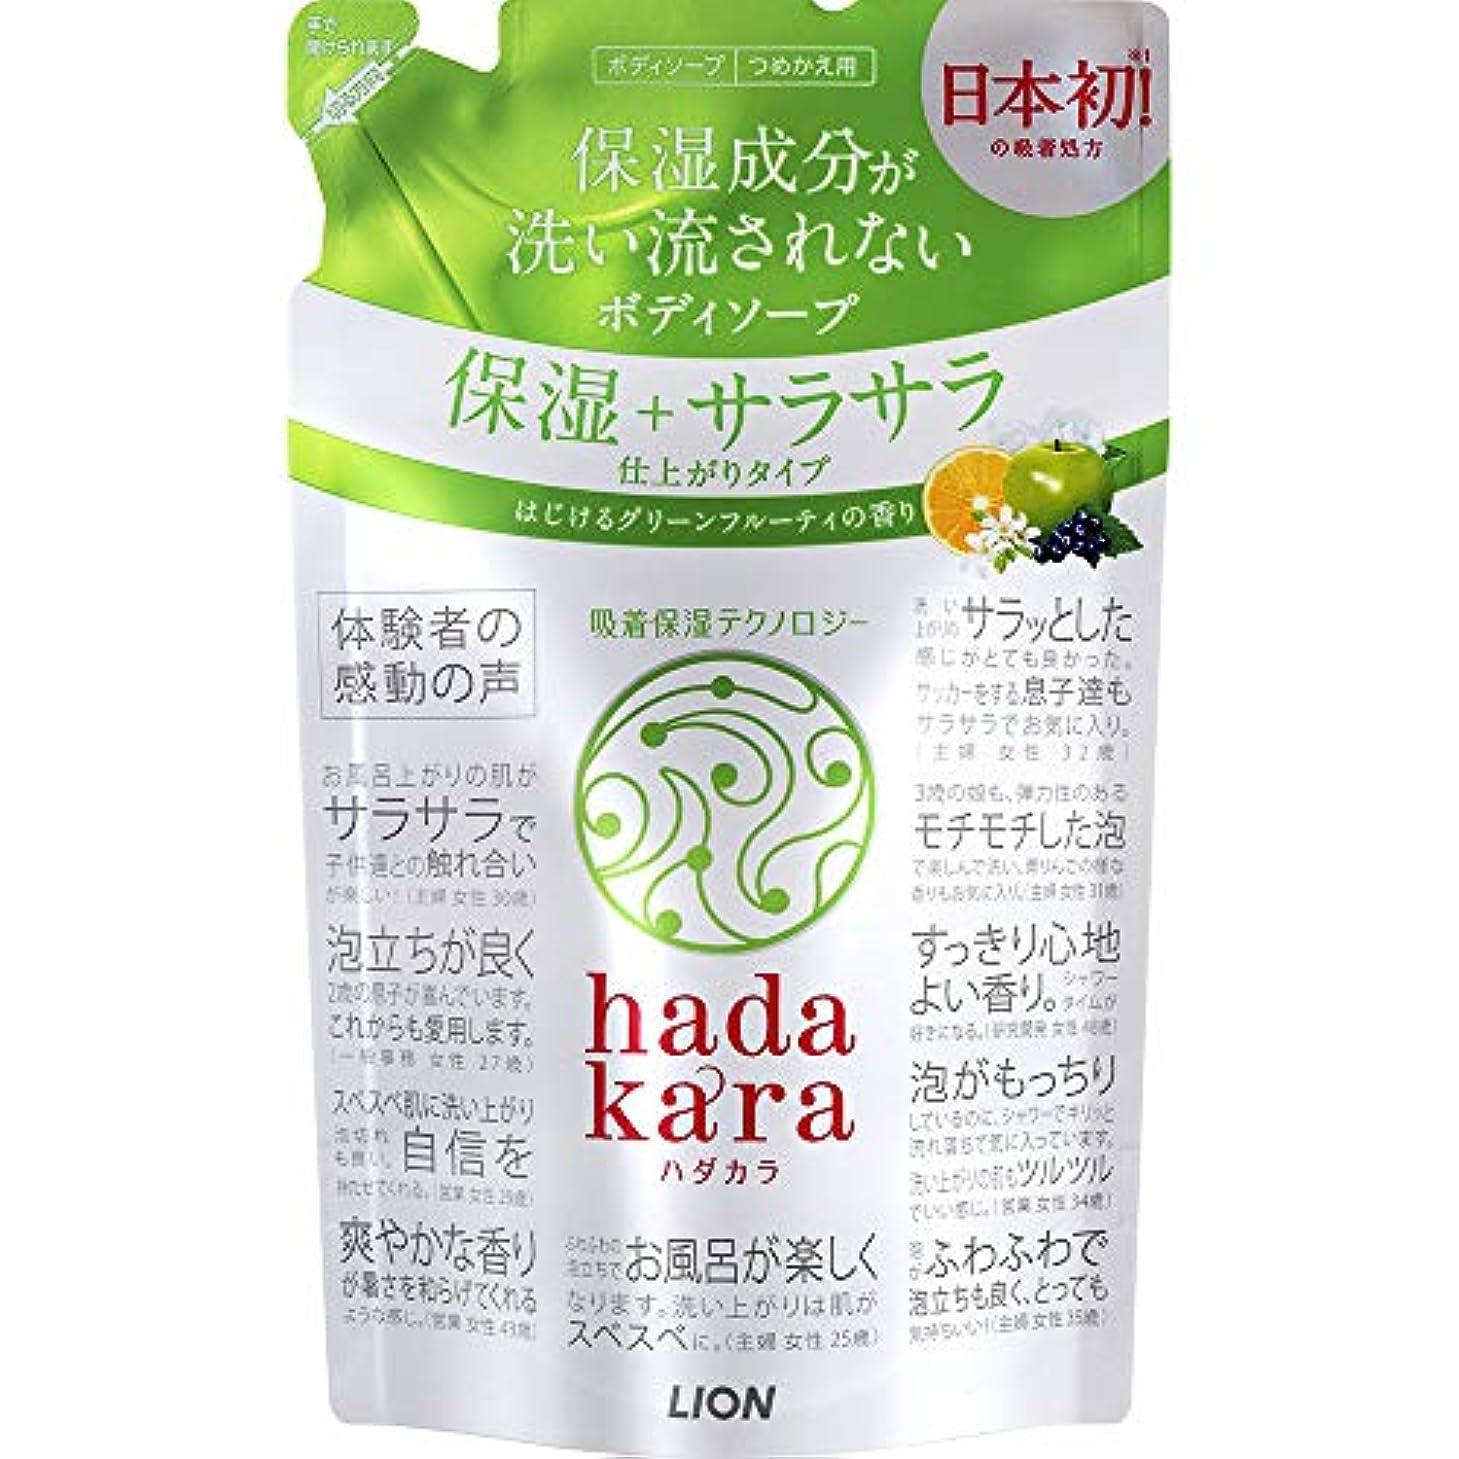 ボリュームデクリメント物語hadakara(ハダカラ) ボディソープ 保湿+サラサラ仕上がりタイプ グリーンフルーティの香り 詰め替え 340ml